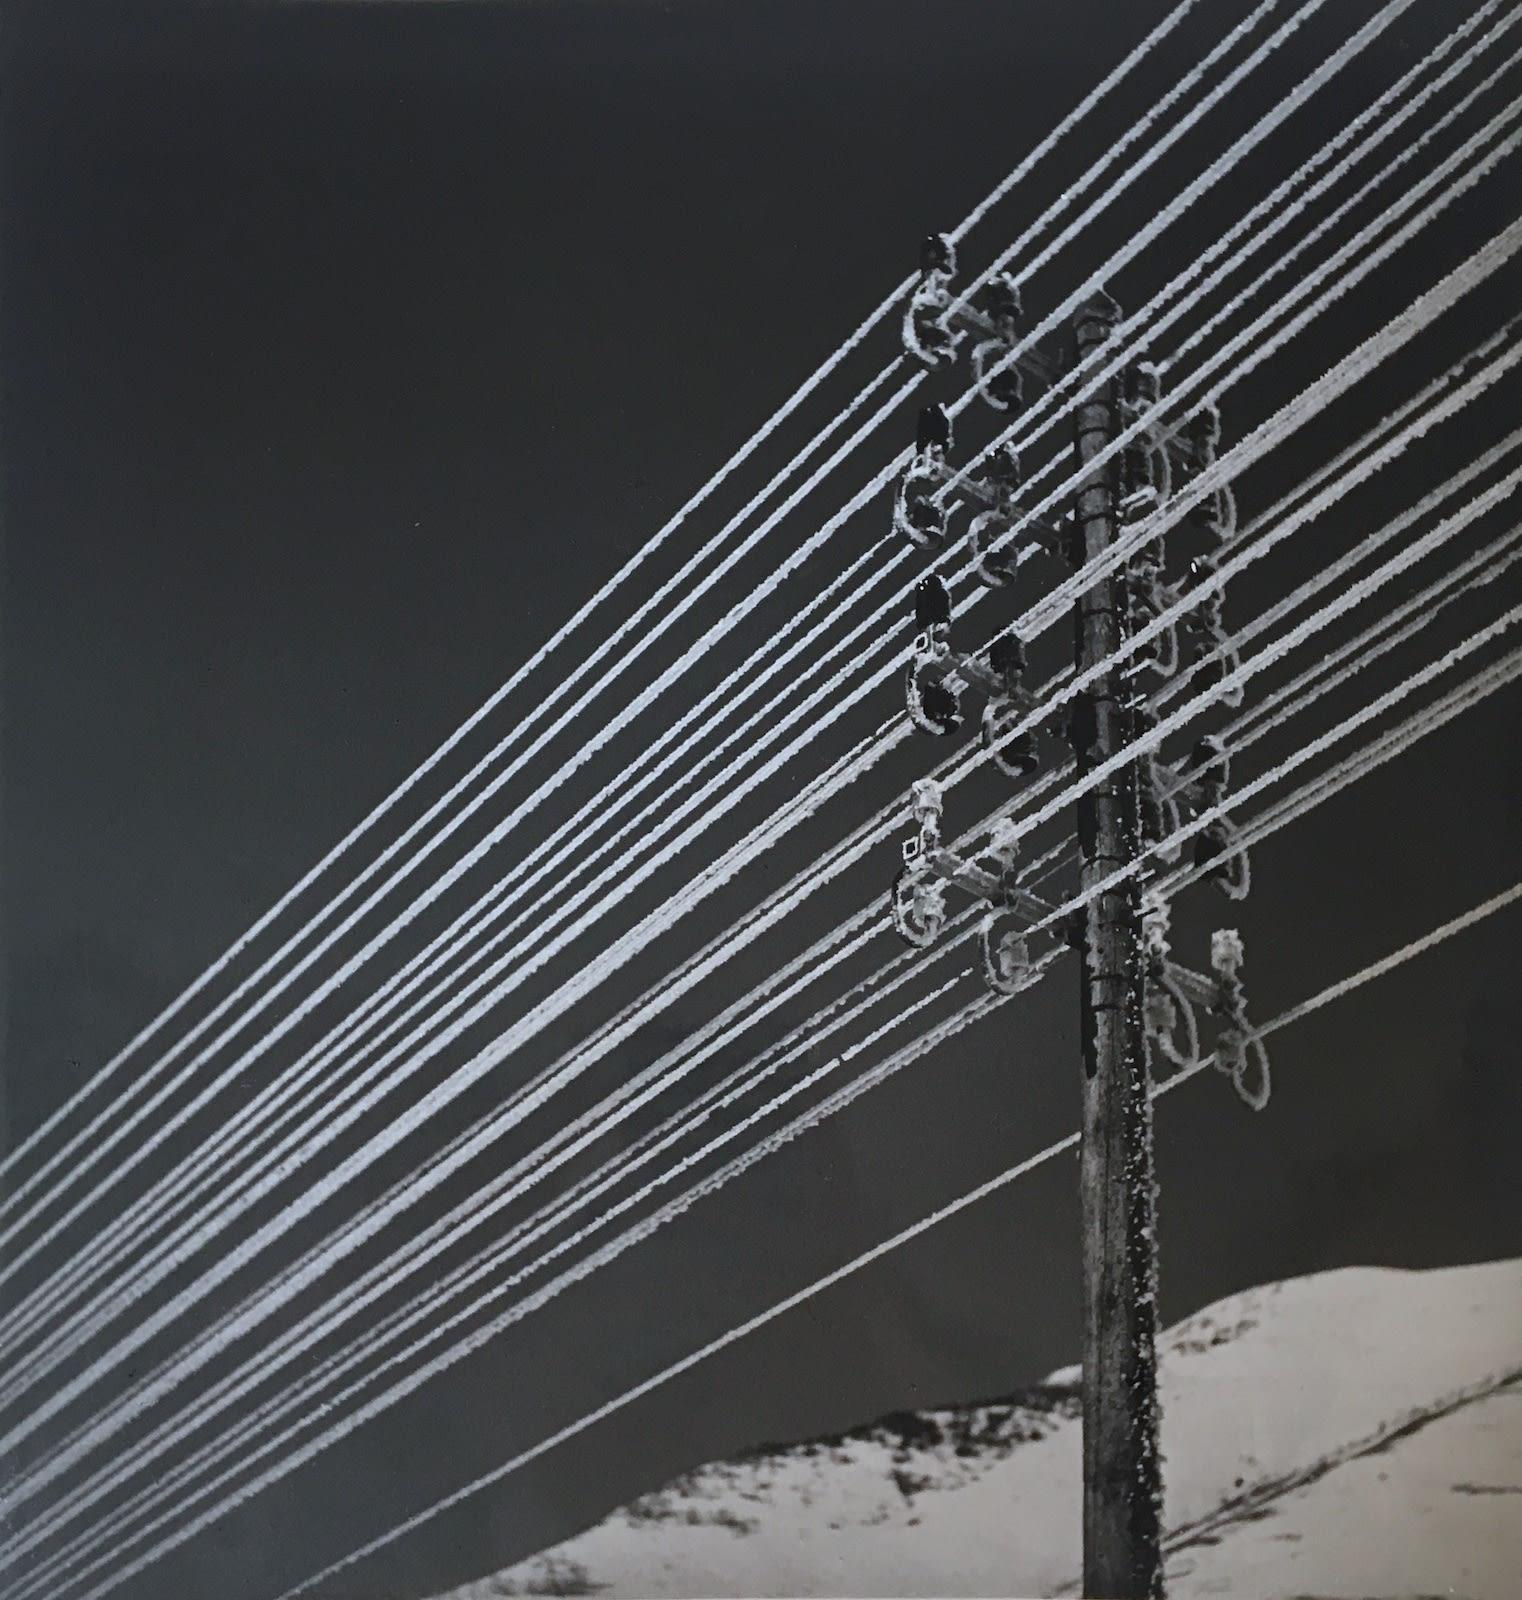 Emeric Feher, Lignes électriques enneigés, Alpe d'Huez, 1937